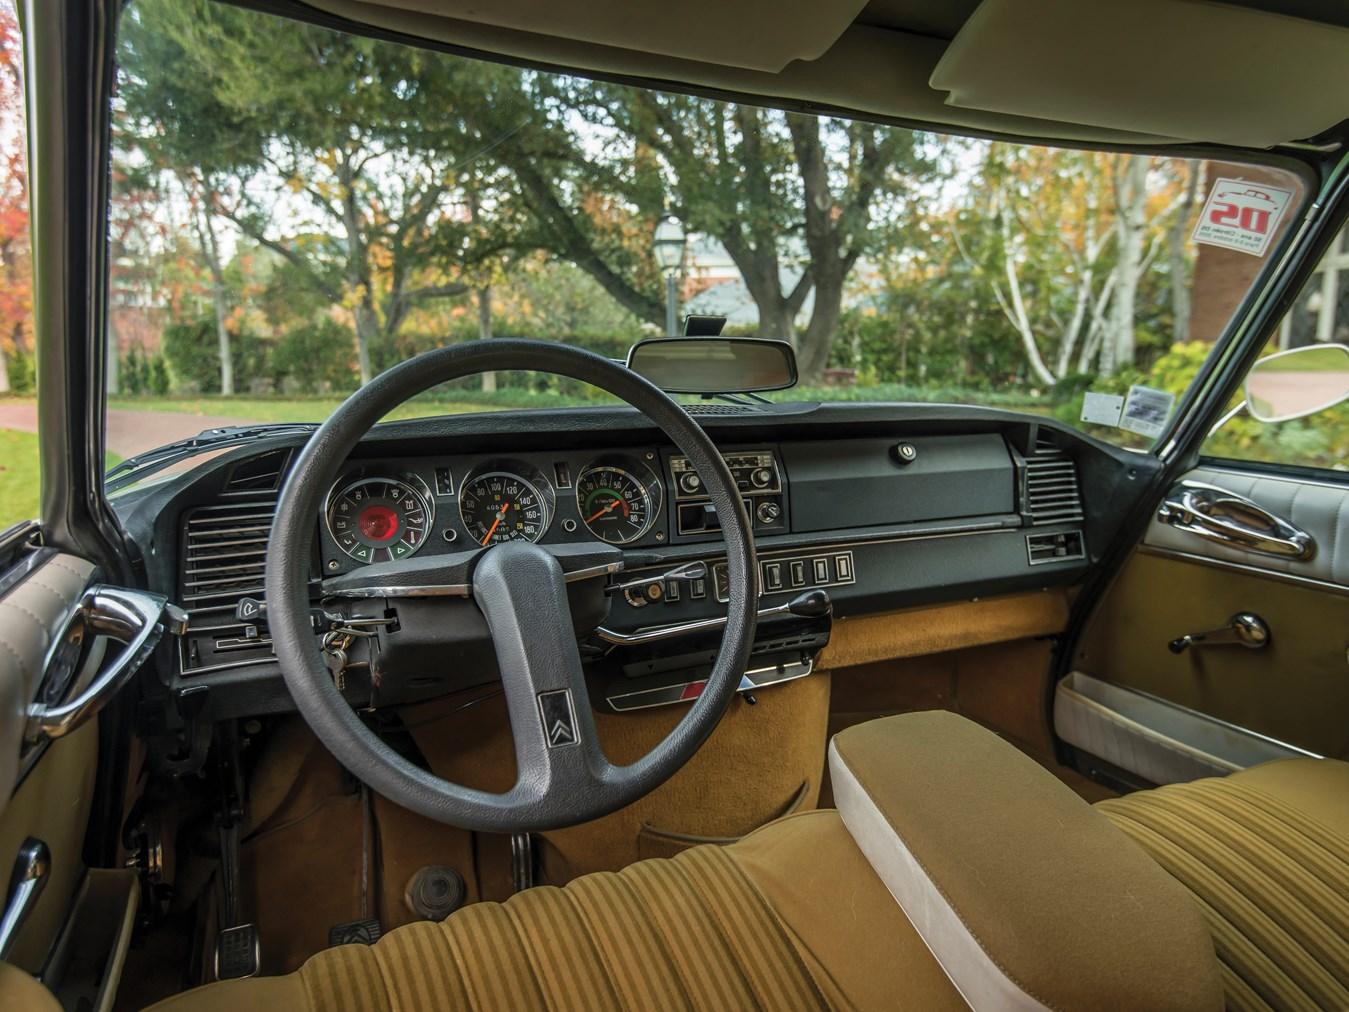 1973 Citroën DS 23 Pallas interior